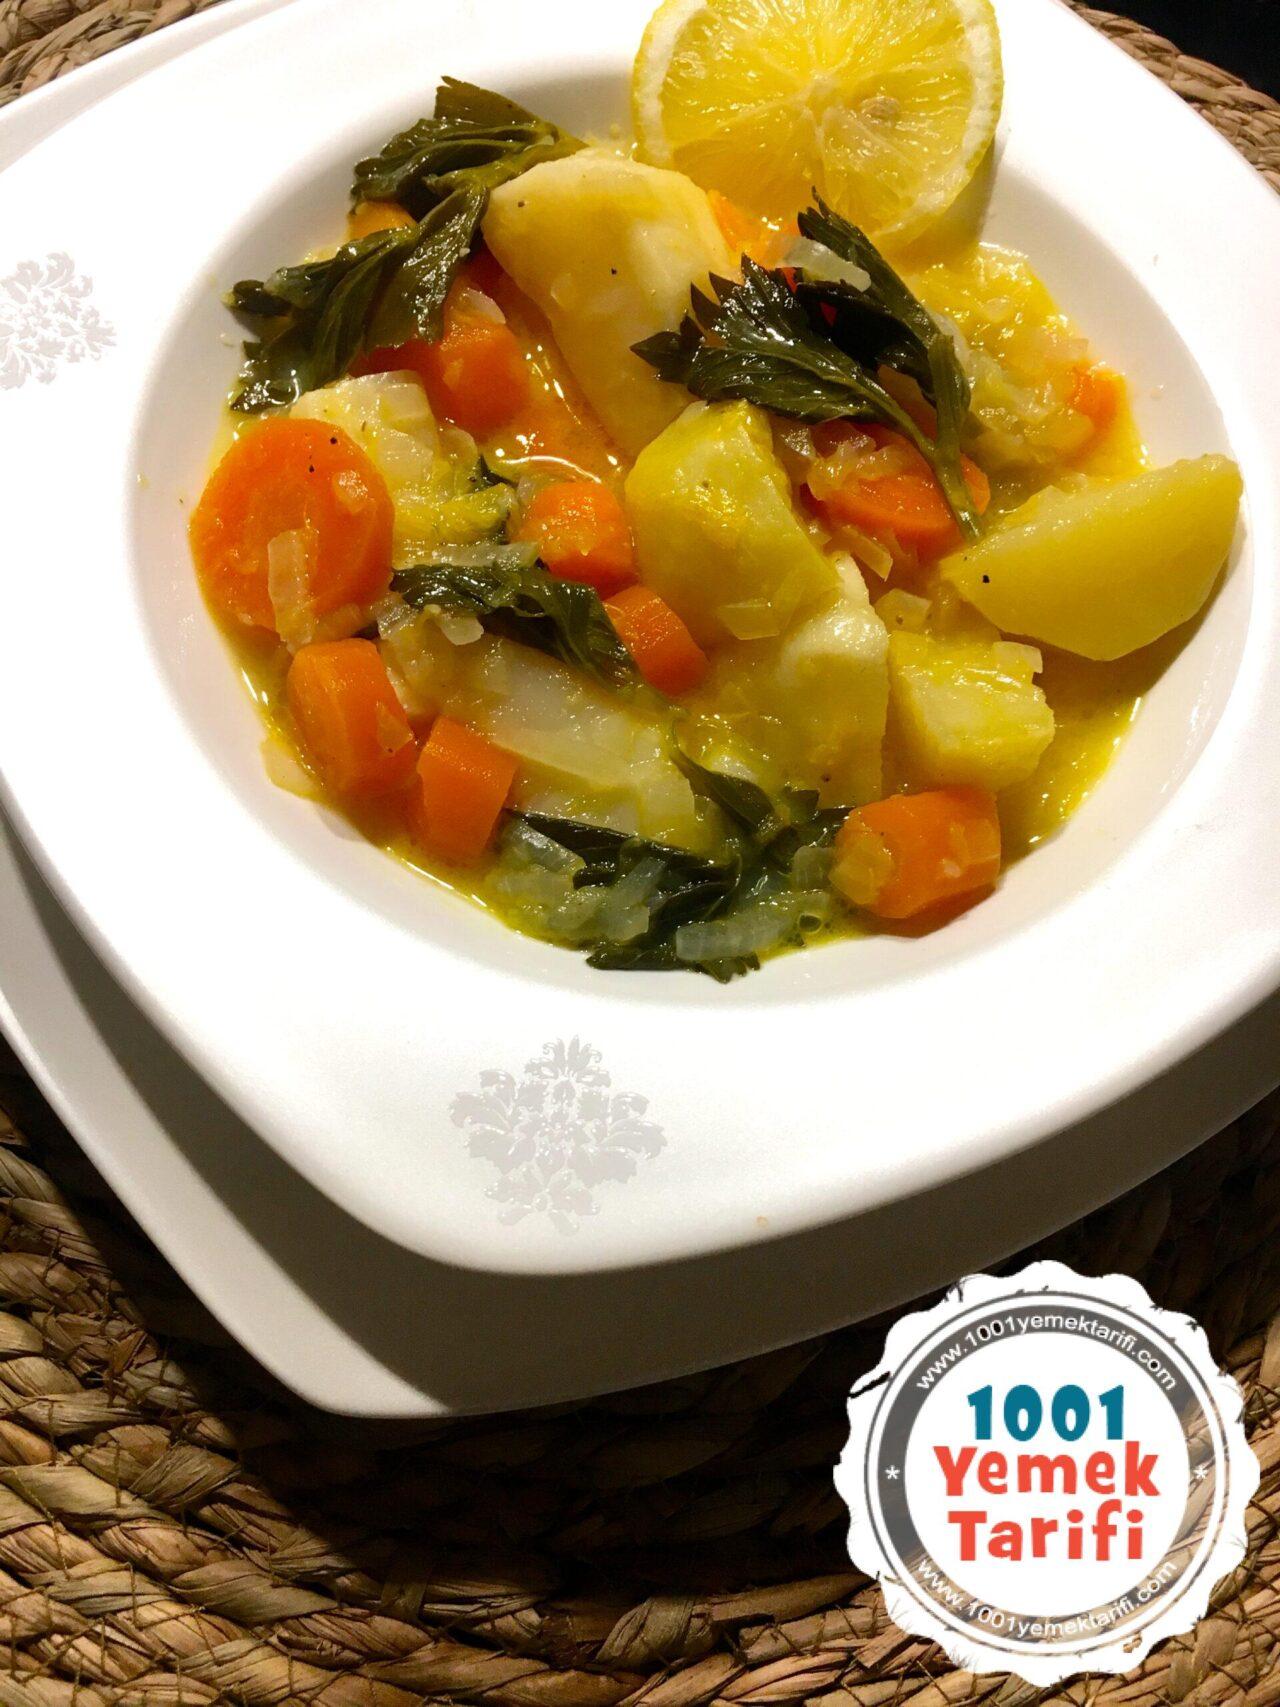 Portakallı Kereviz Yemeği Tarifi-nasıl yapılır-zeytinyağlı kış yemekleri